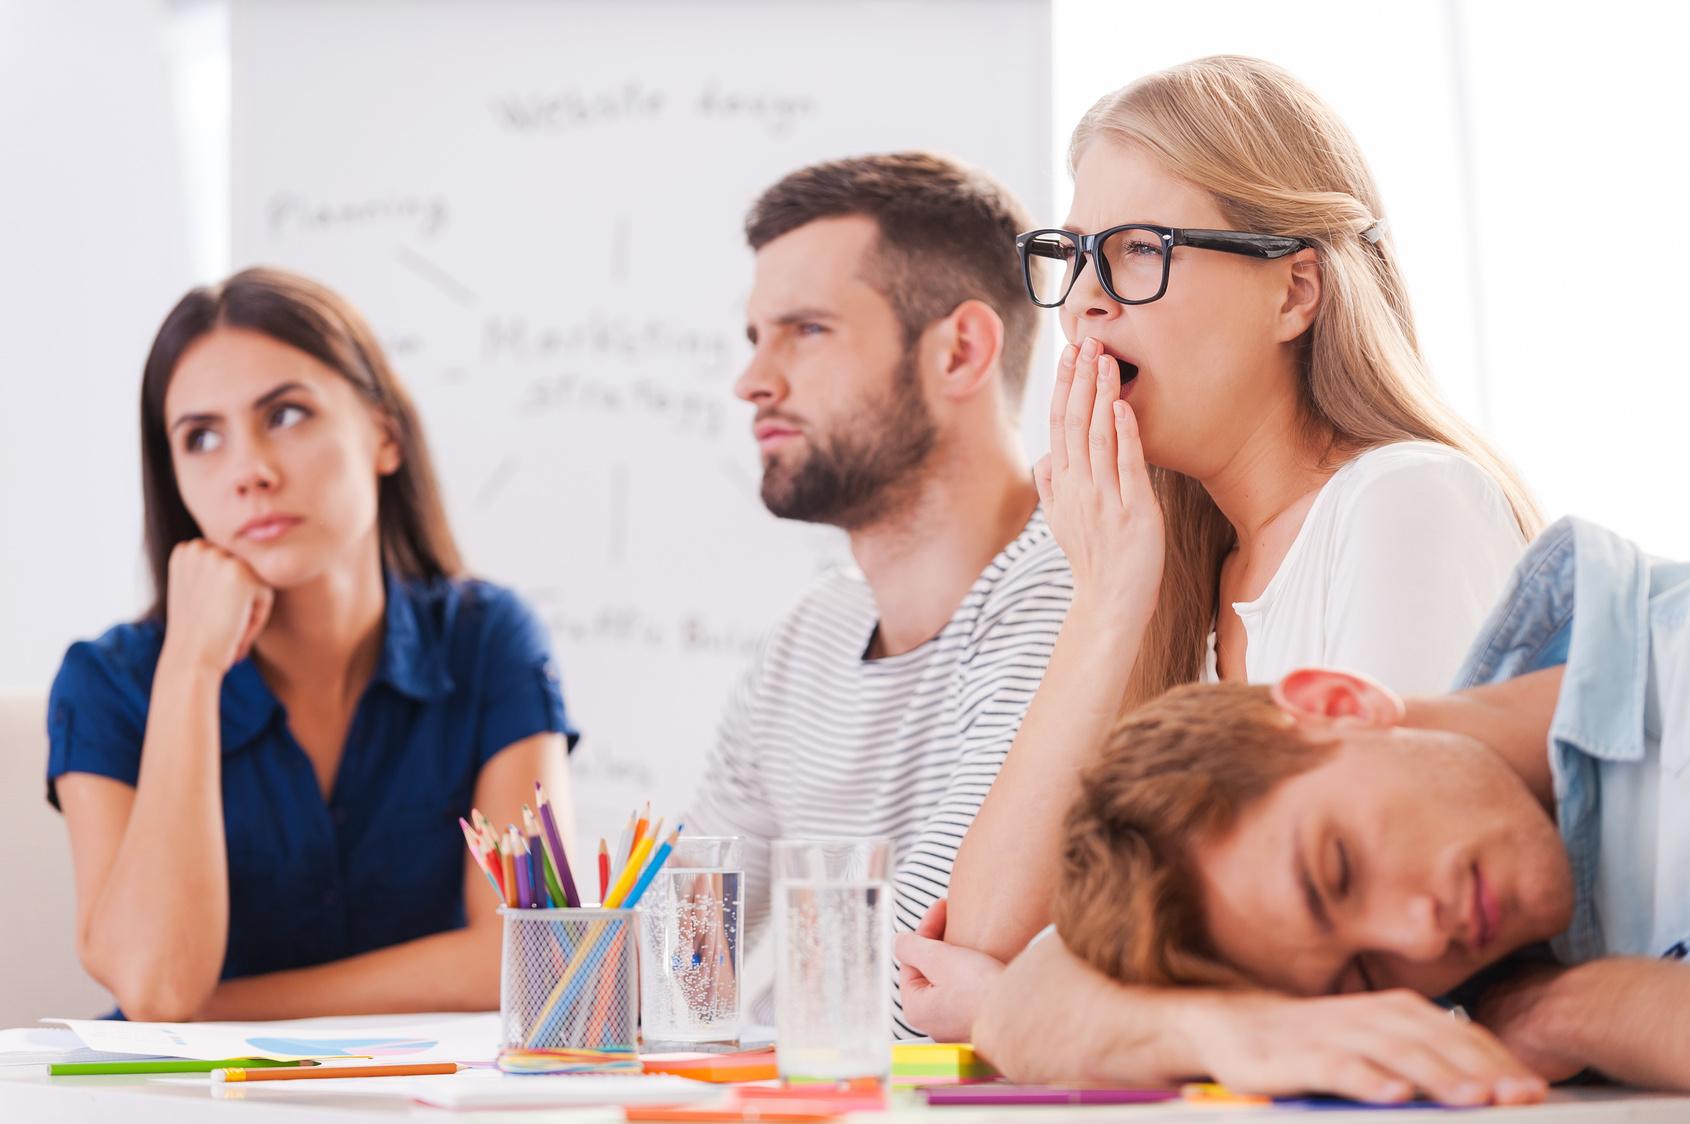 Sedam savjeta za povećanje produktivnosti i zadovoljstva na radnom mjestu